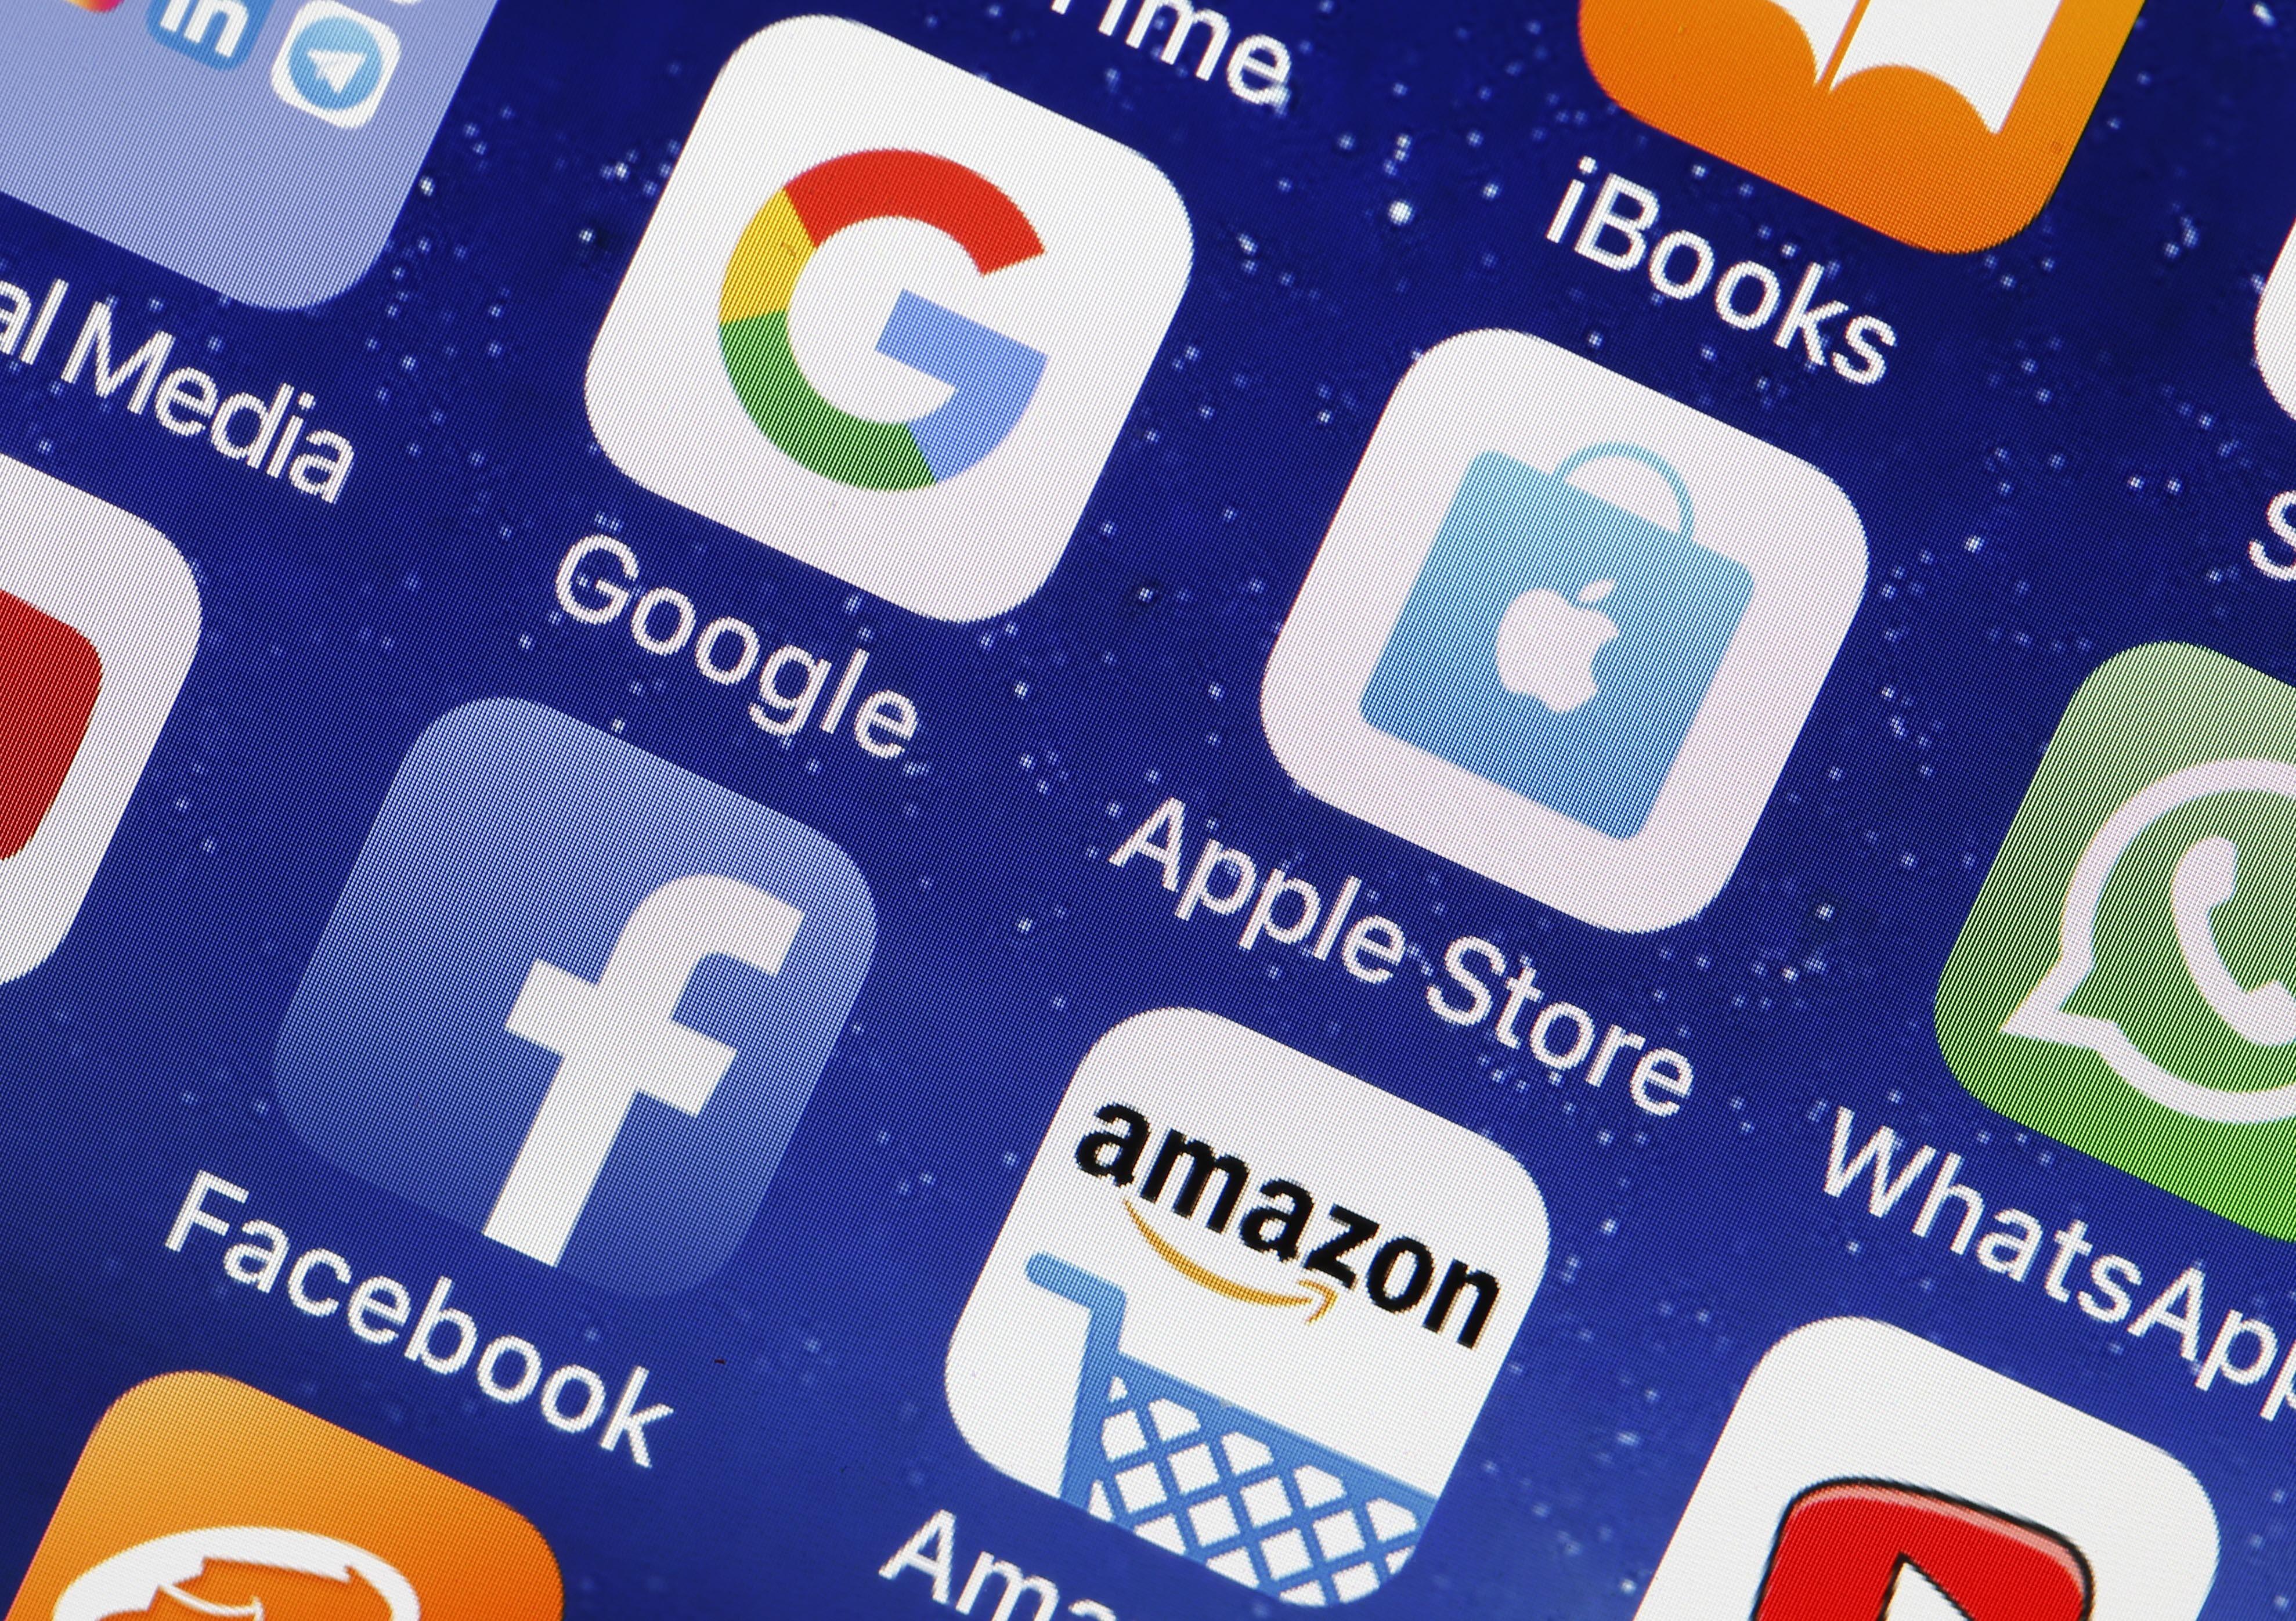 Big Tech Silicon Valley Google Apple Amazon Facebook